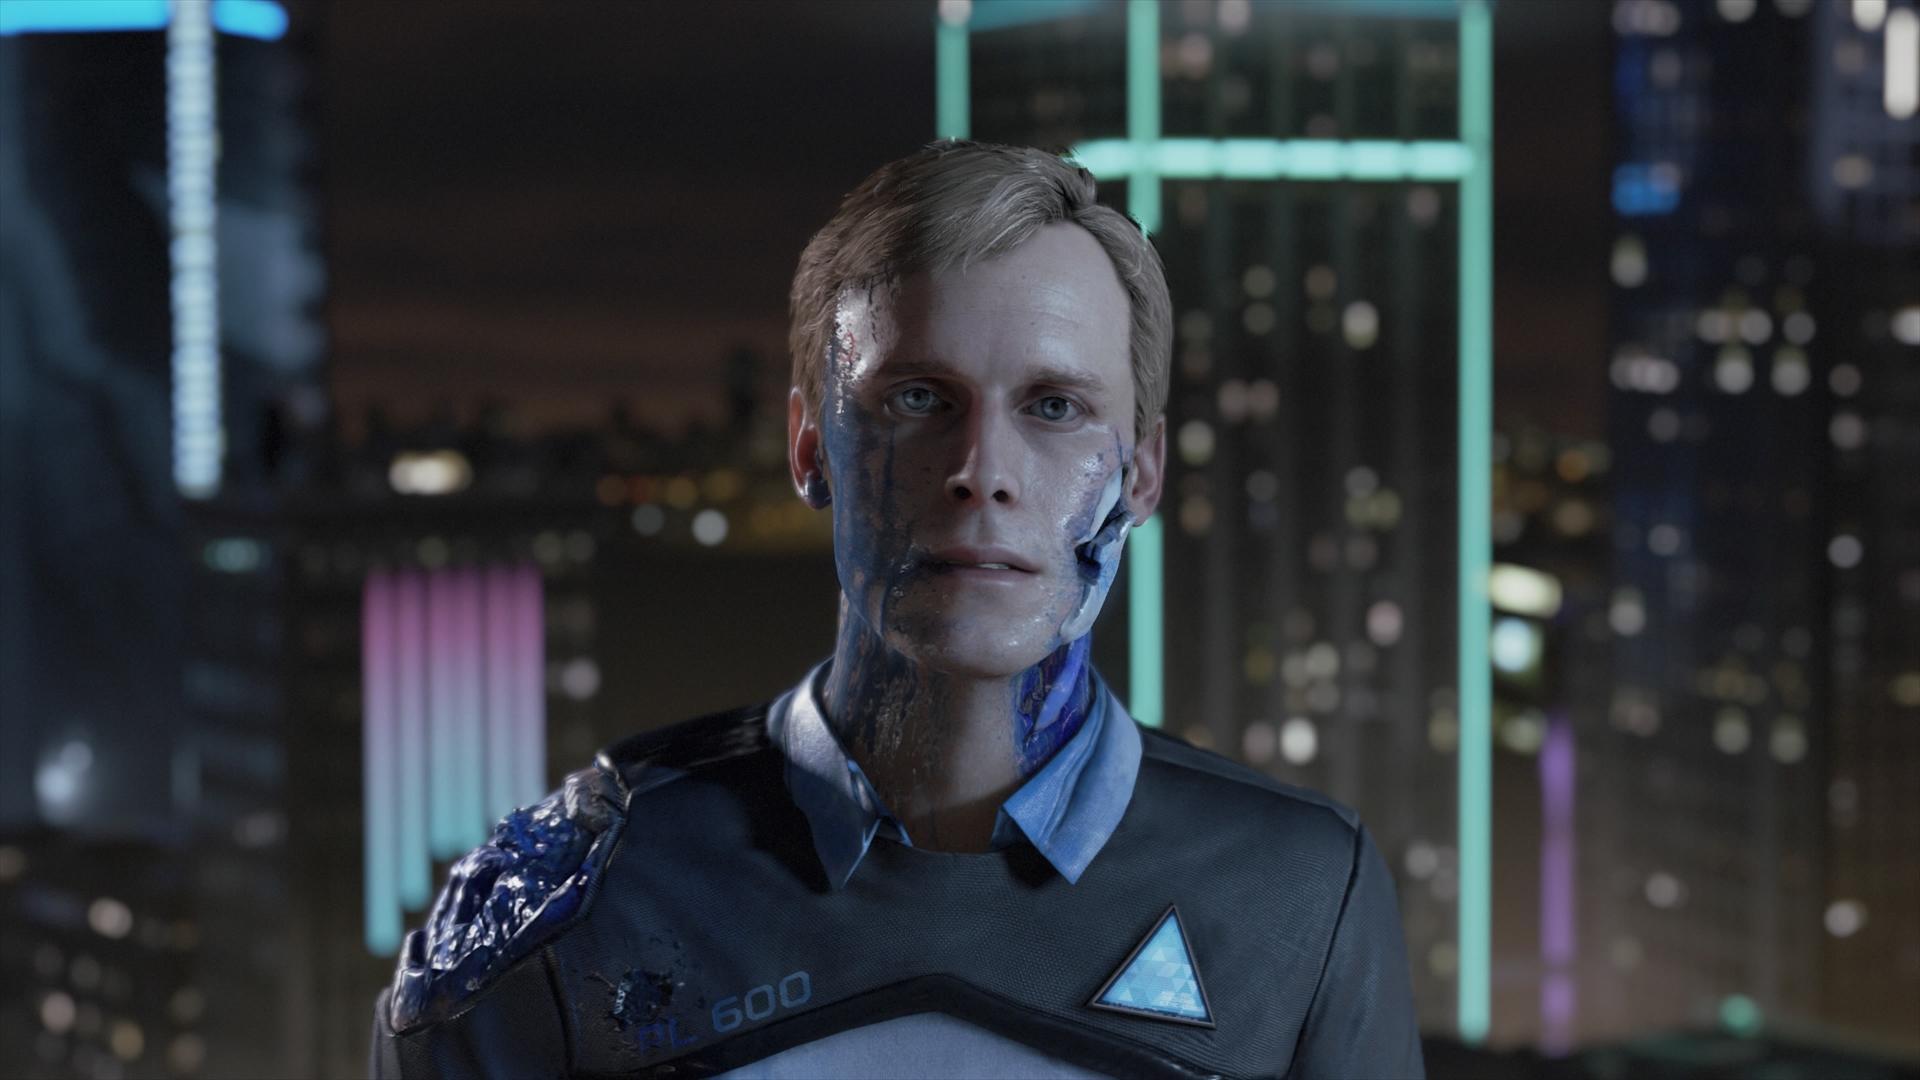 Immagini dalla versione giapponese di Detroit: Become Human